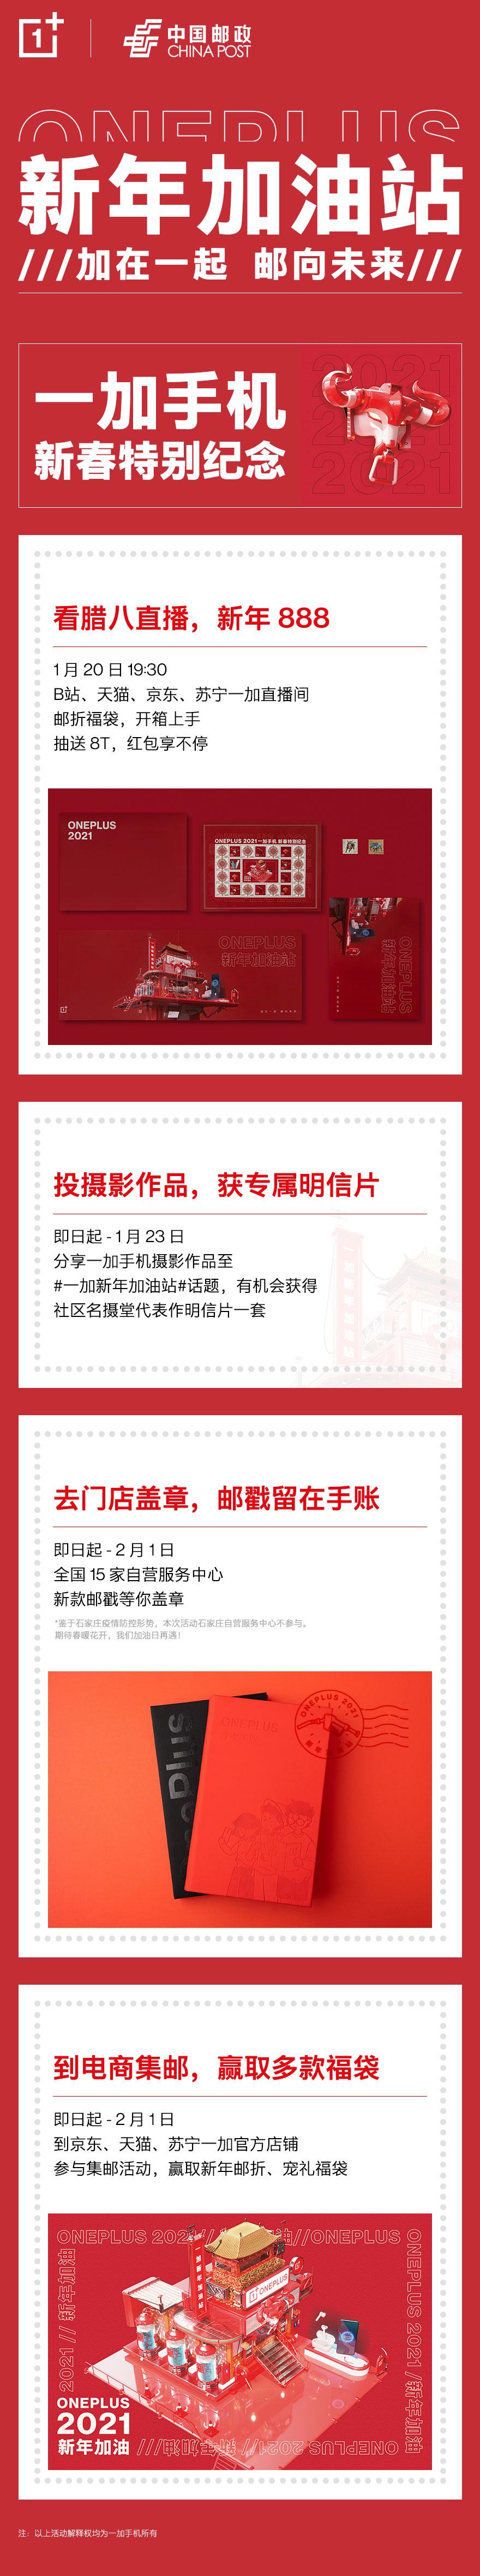 邮政活动1 (2).jpg